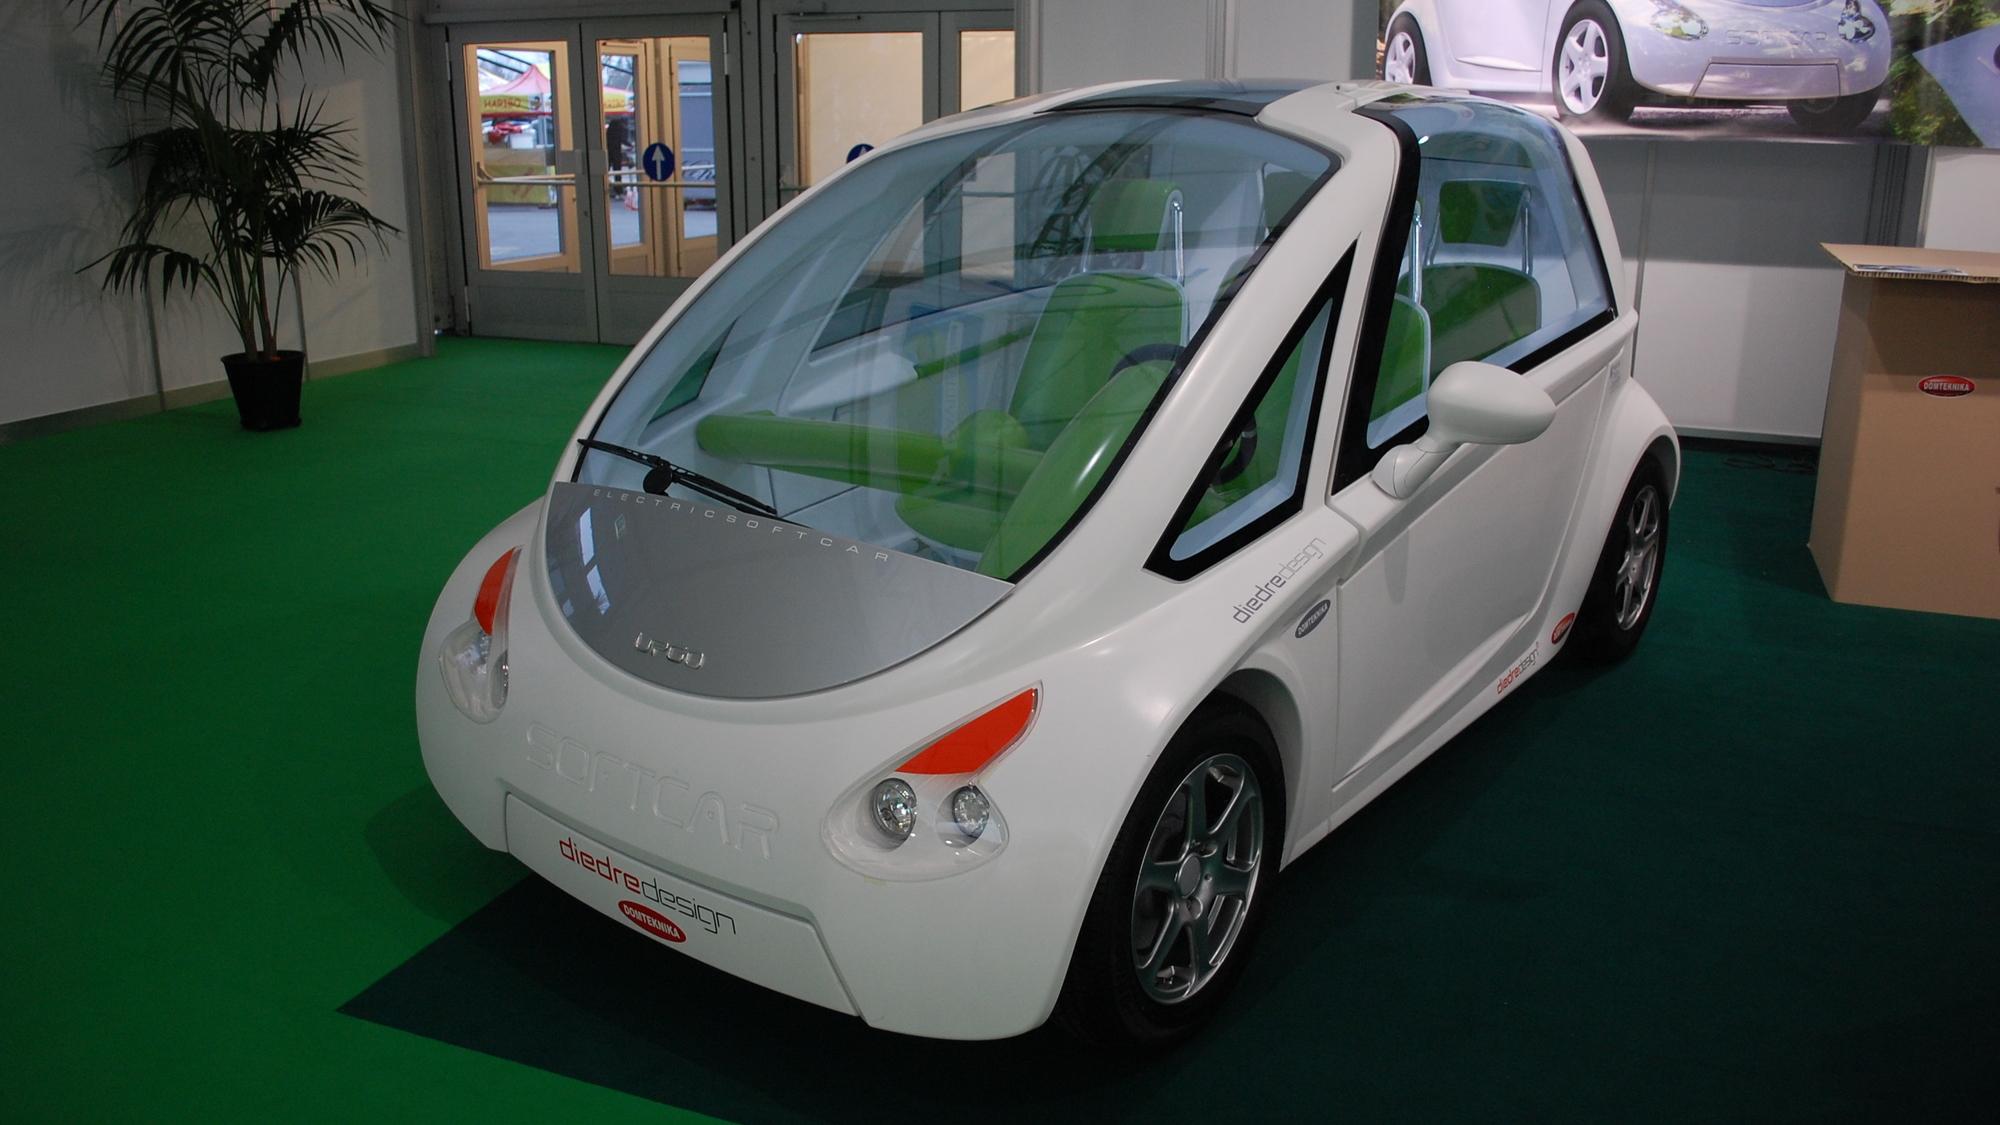 Domteknika EV concept, 2011 Geneva Motor Show